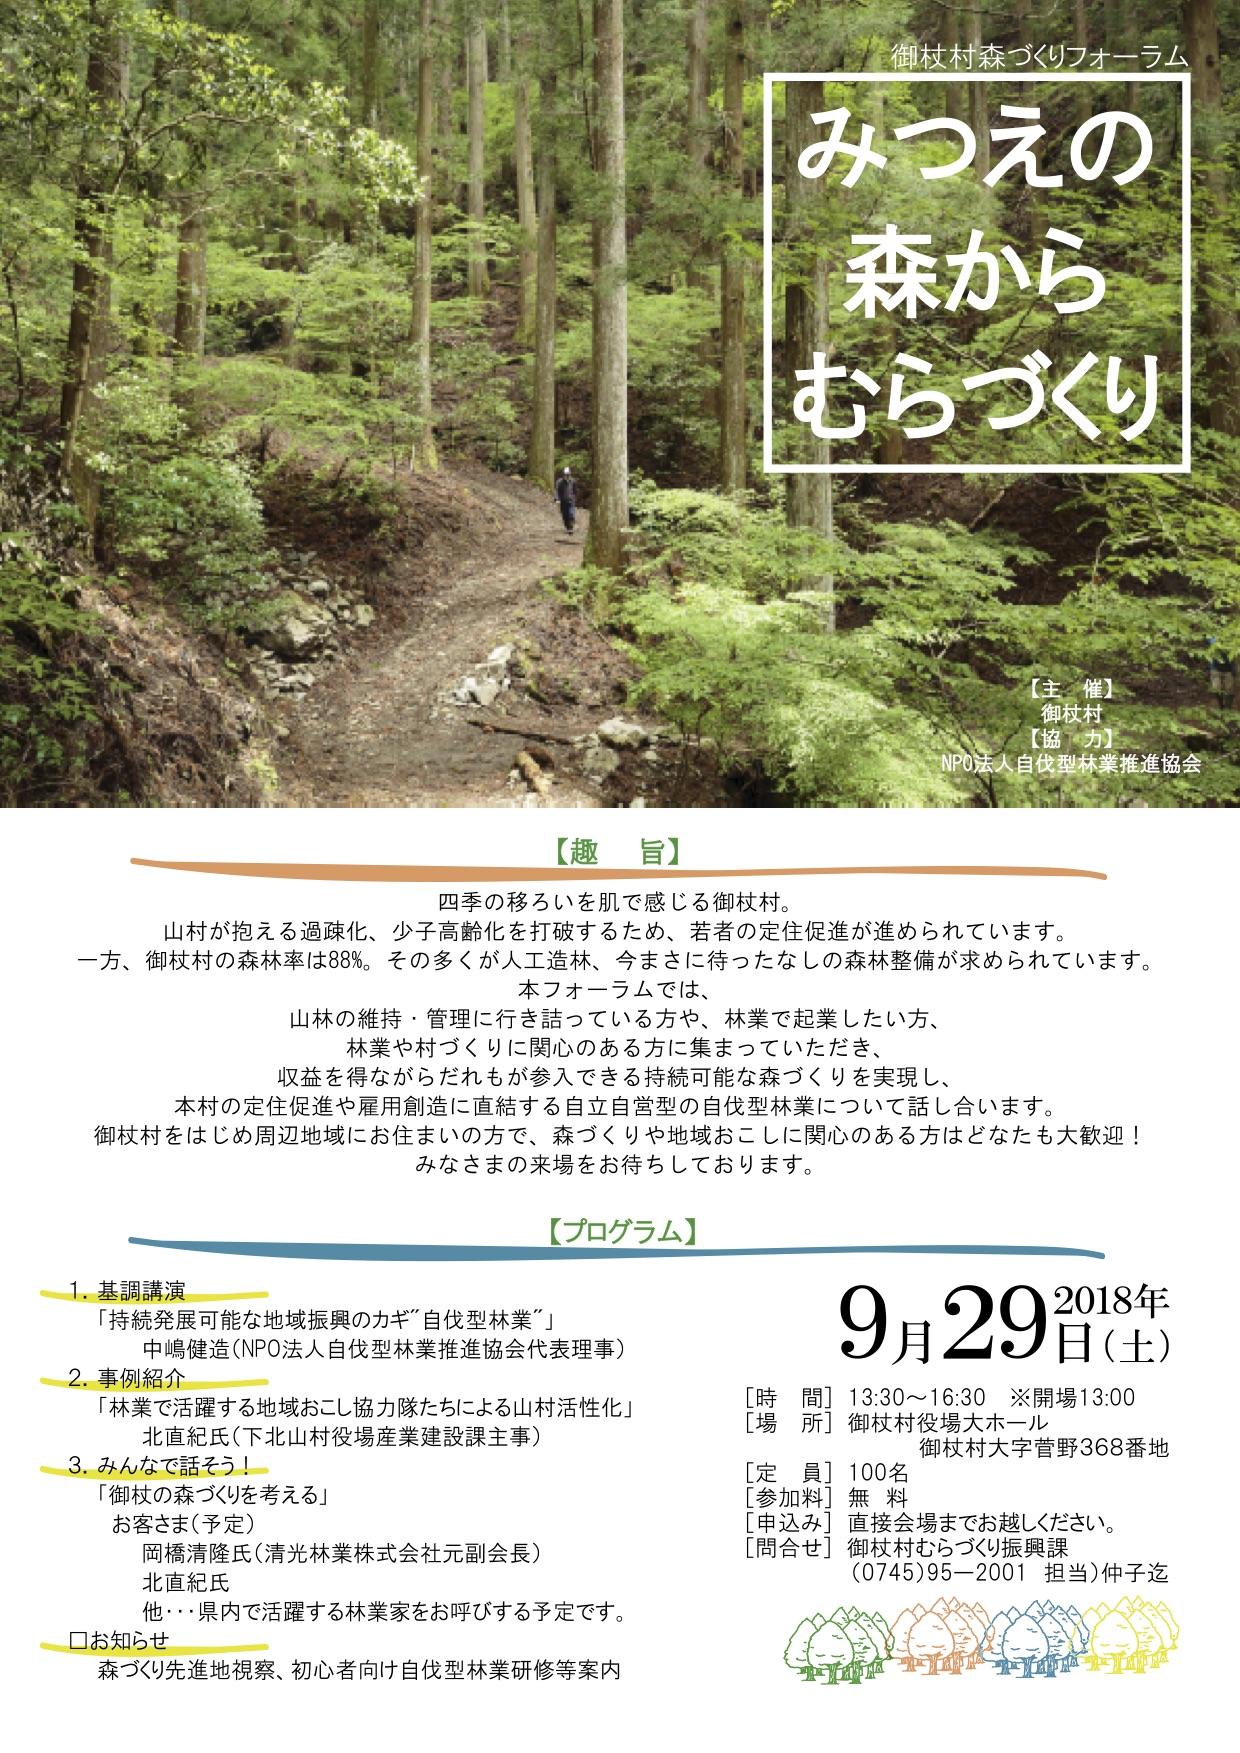 奈良県御杖村にて「御杖村森づくりフォーラム〜みつえの森からむらづくり〜」が開催されます